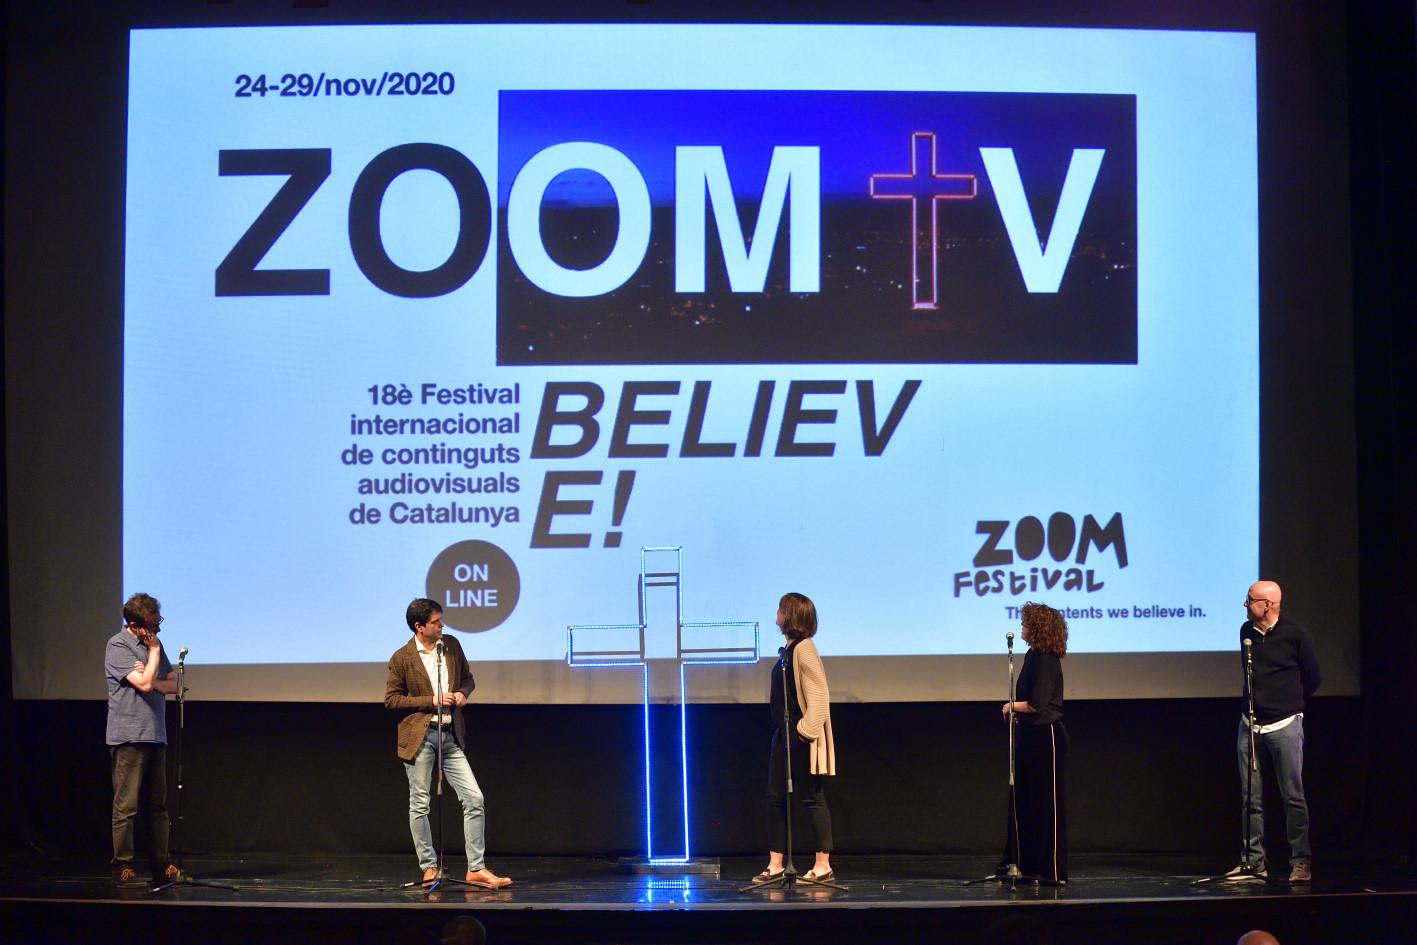 El Zoom Festival Estrena Format Virtual Amb Innovacions Tecnològiques Per Mostrar Els Millors Continguts Audiovisuals